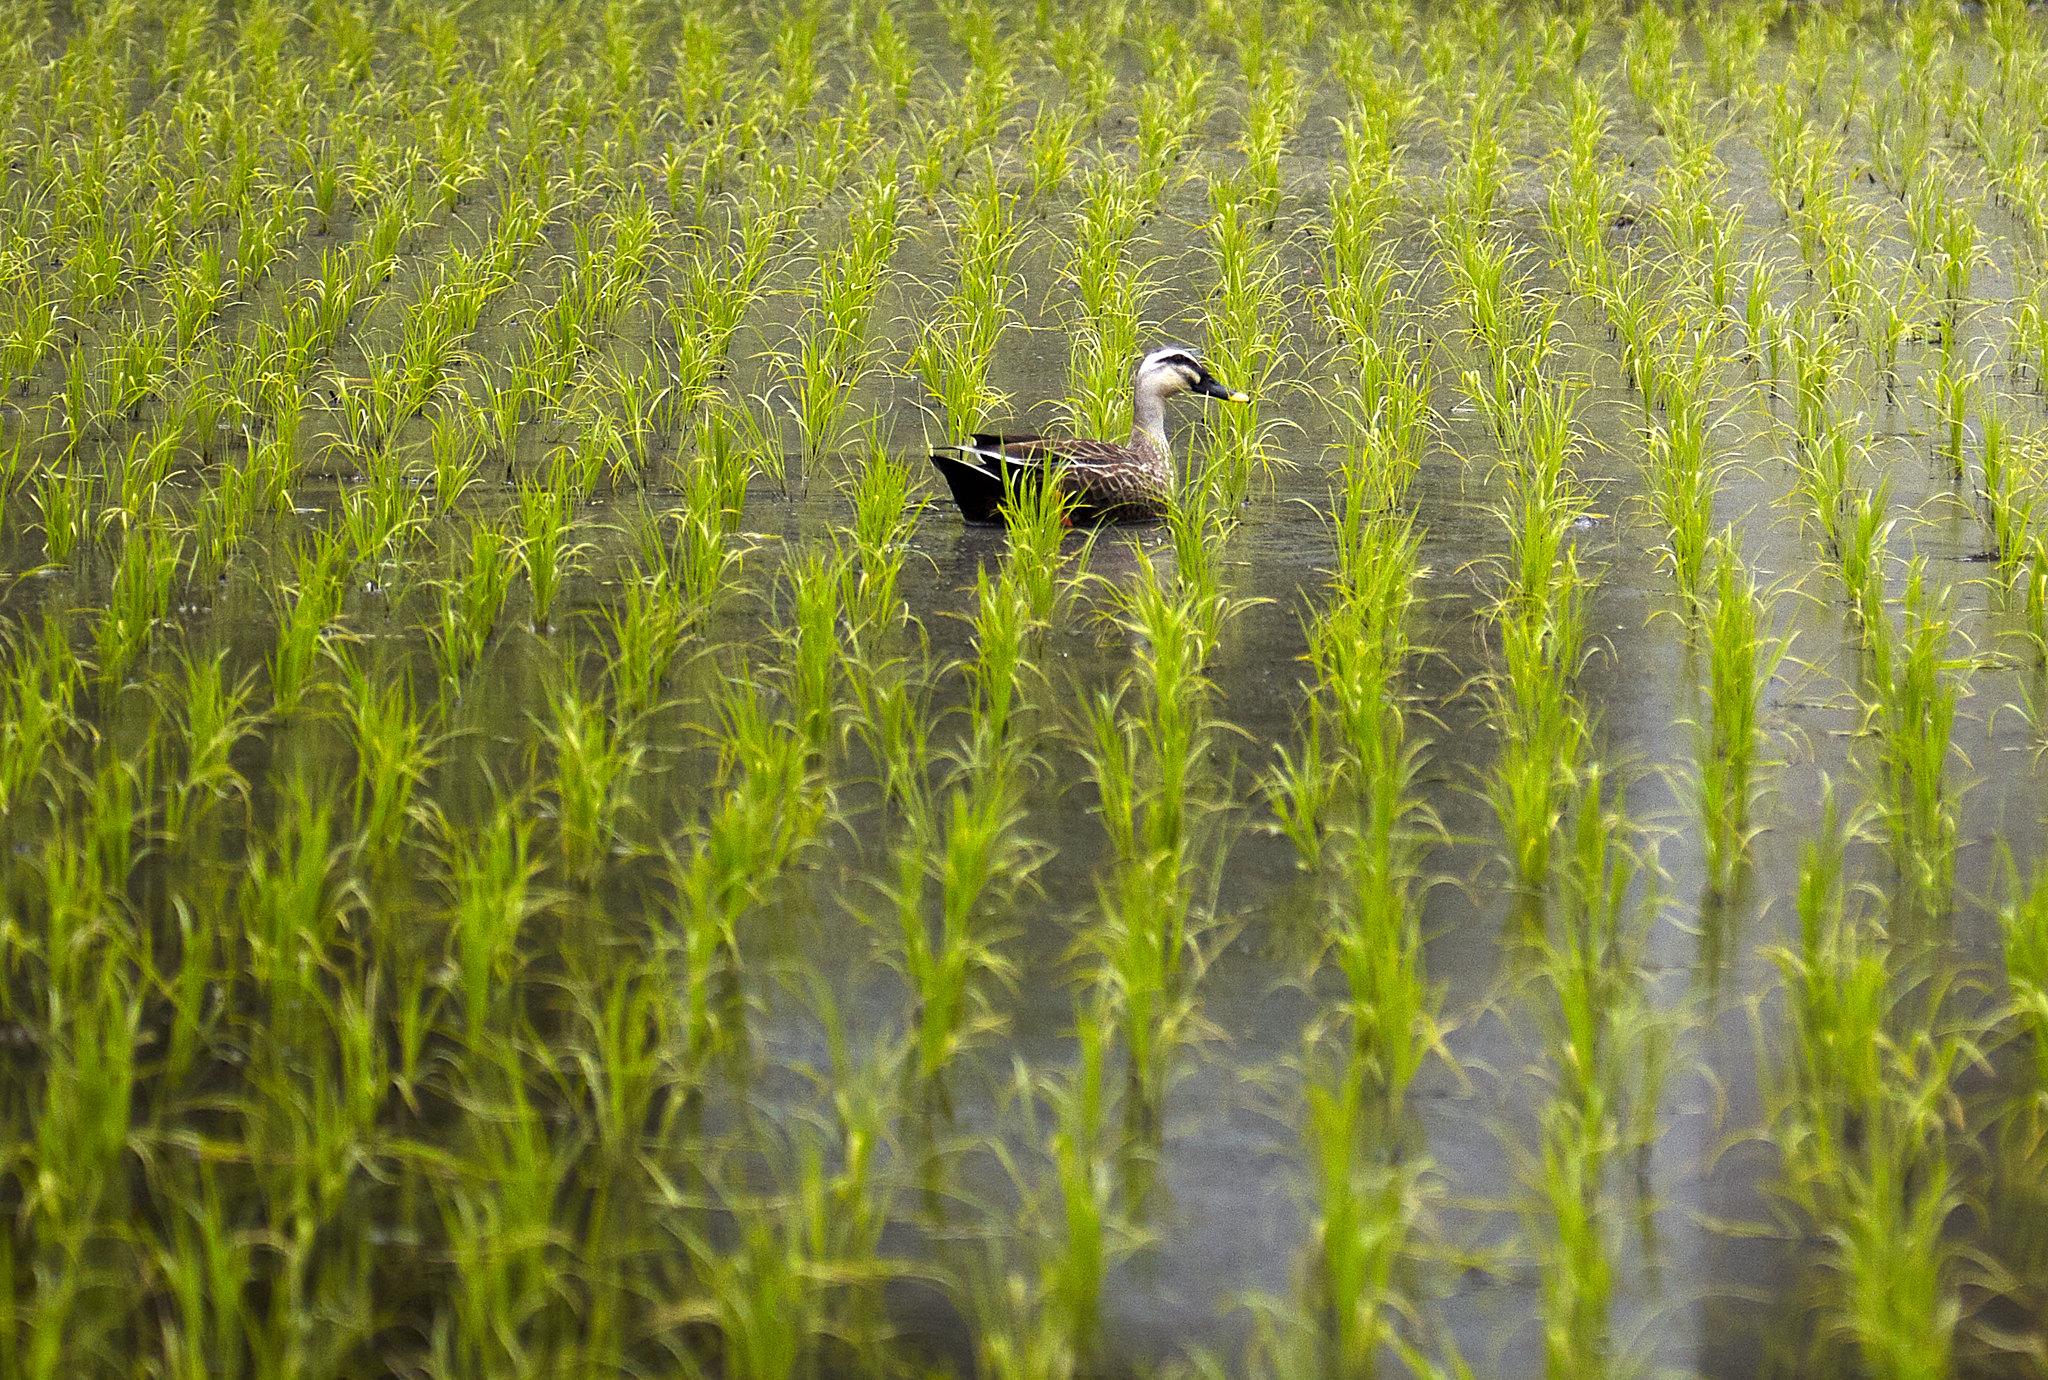 Eine Ente schwimmt durch ein Reisfeld